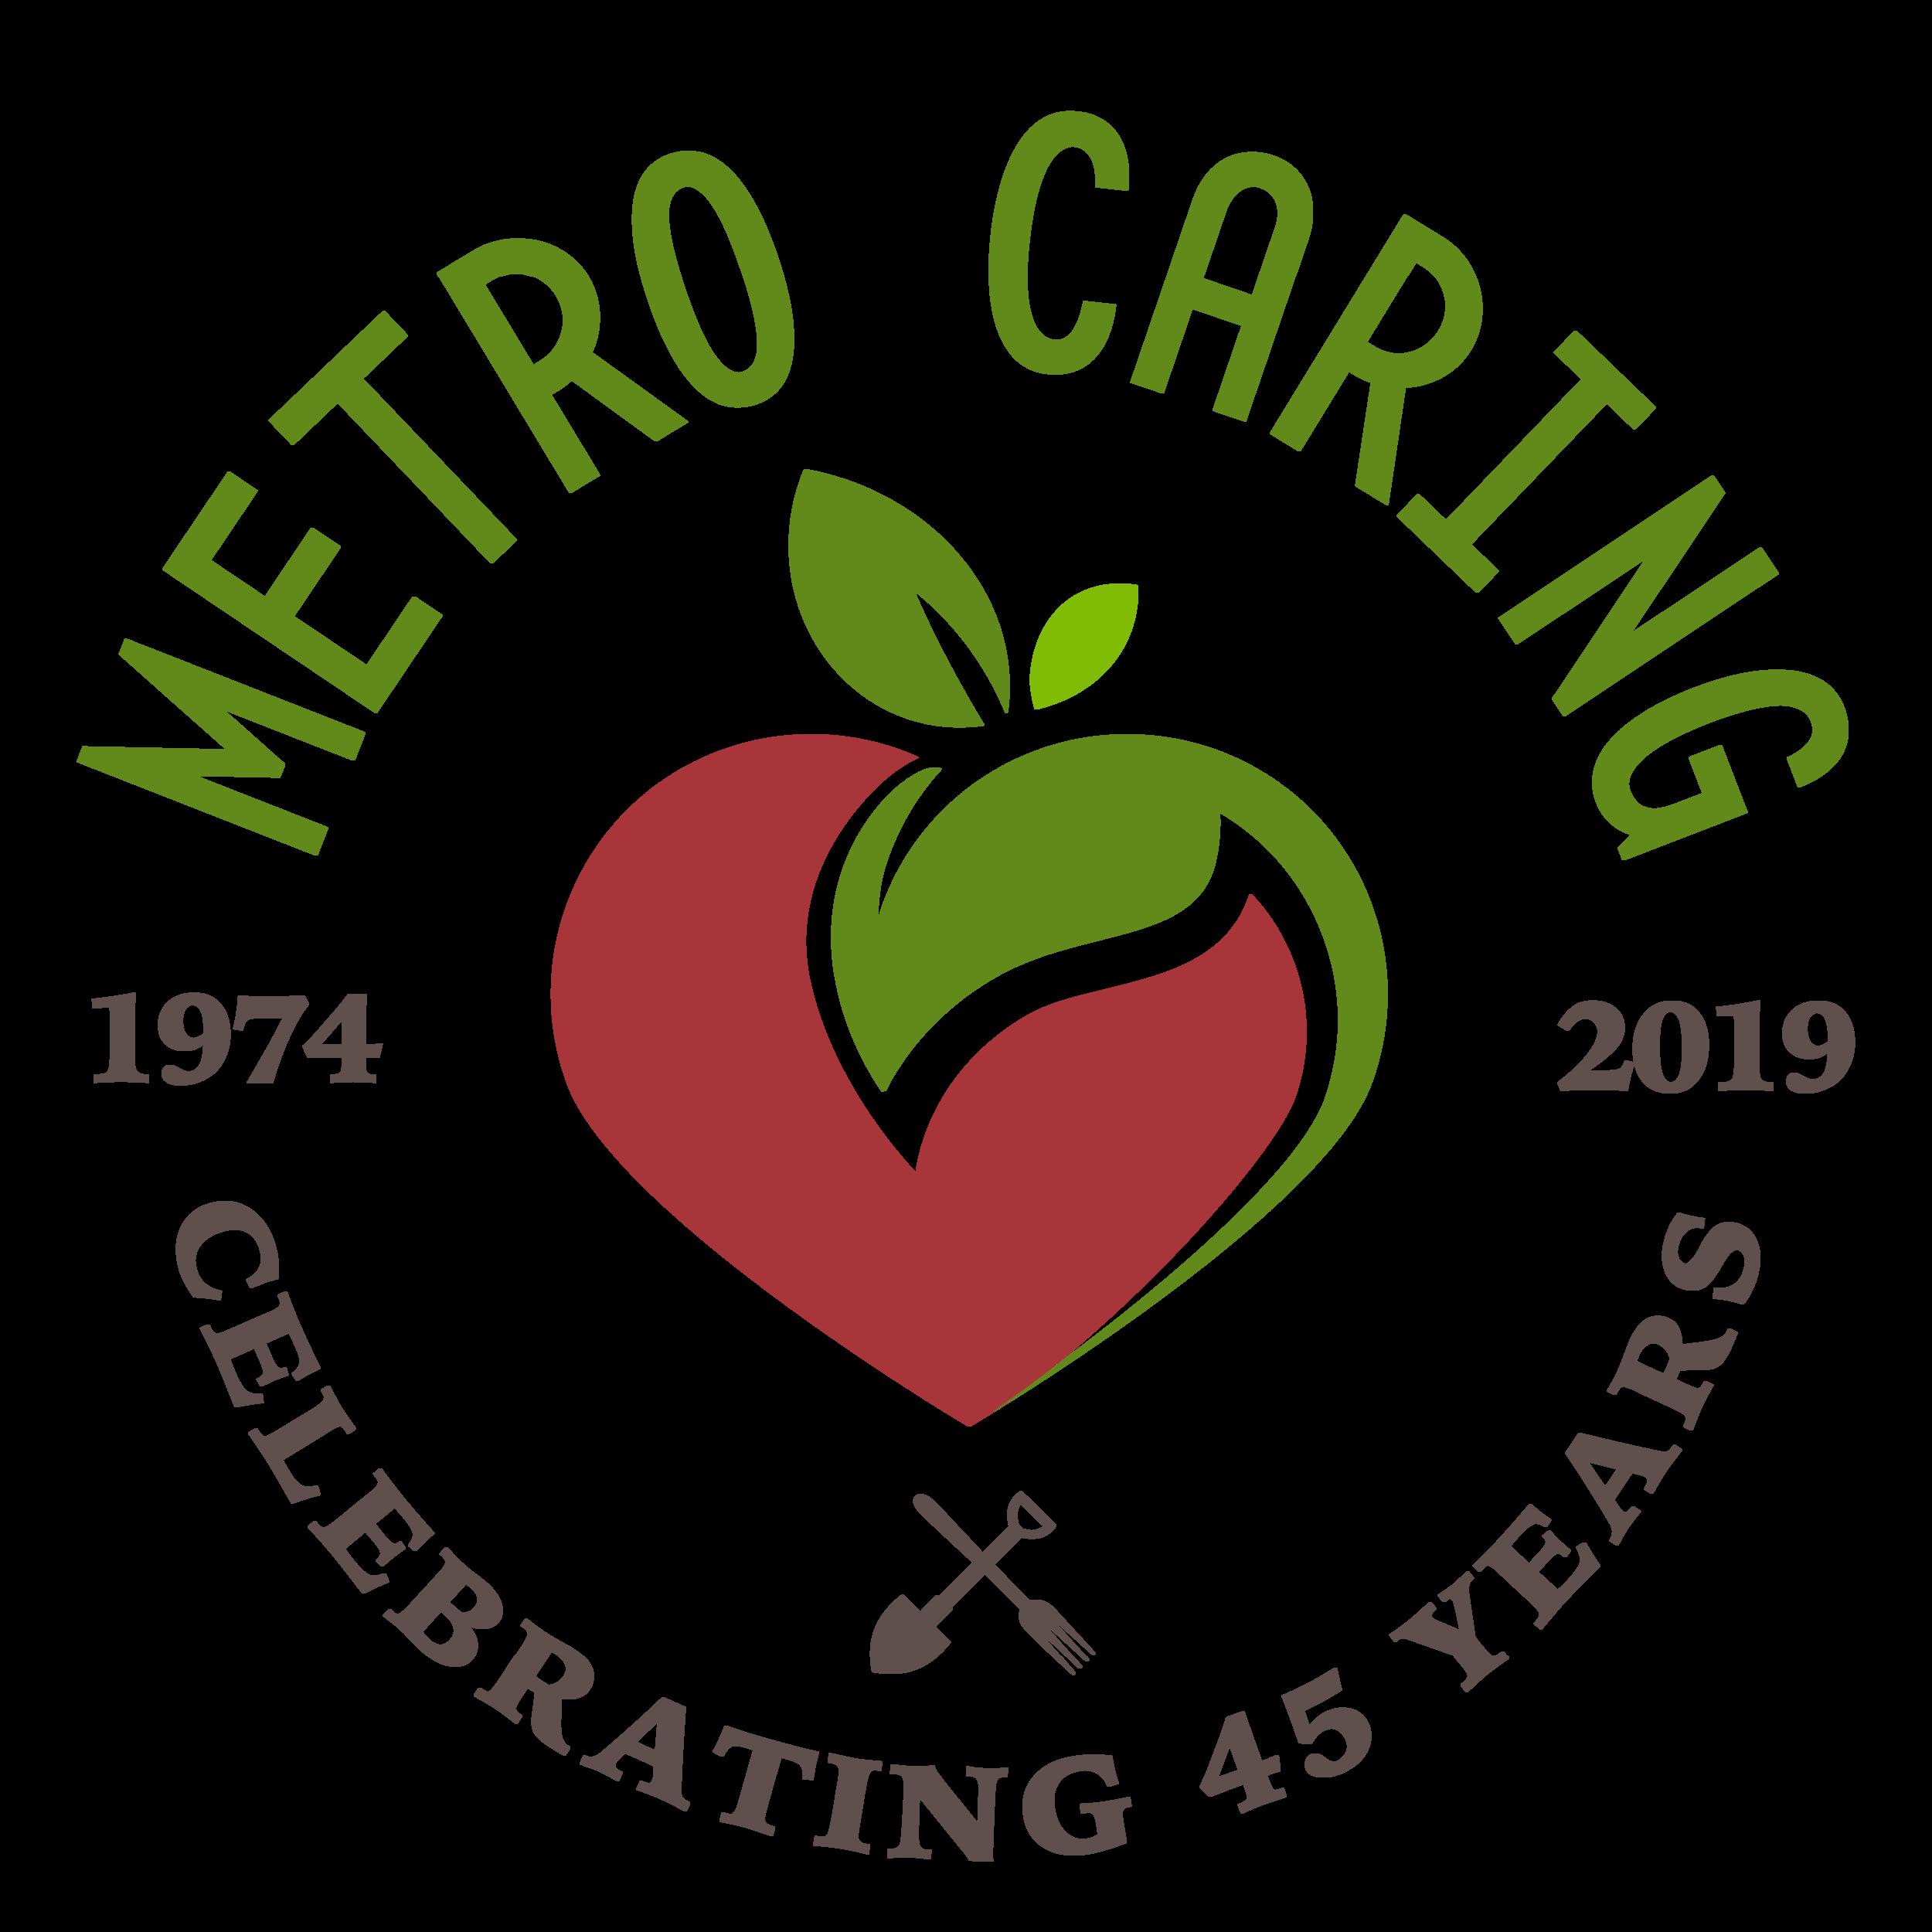 MetroCaring_45th_Badge_FullColor.png